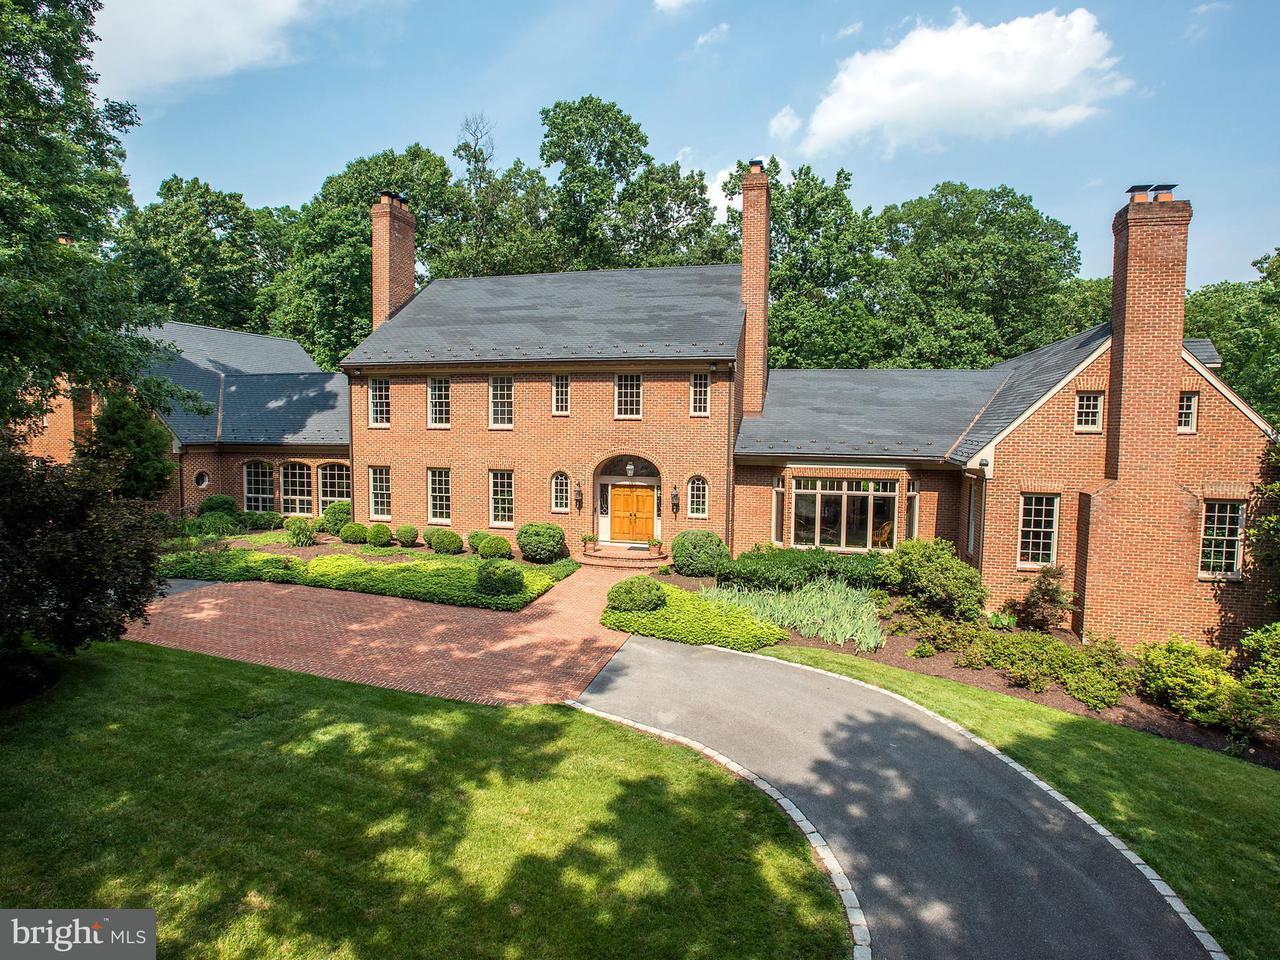 Μονοκατοικία για την Πώληση στο 19 Piney Glen Court 19 Piney Glen Court Potomac, Μεριλαντ 20854 Ηνωμενεσ Πολιτειεσ